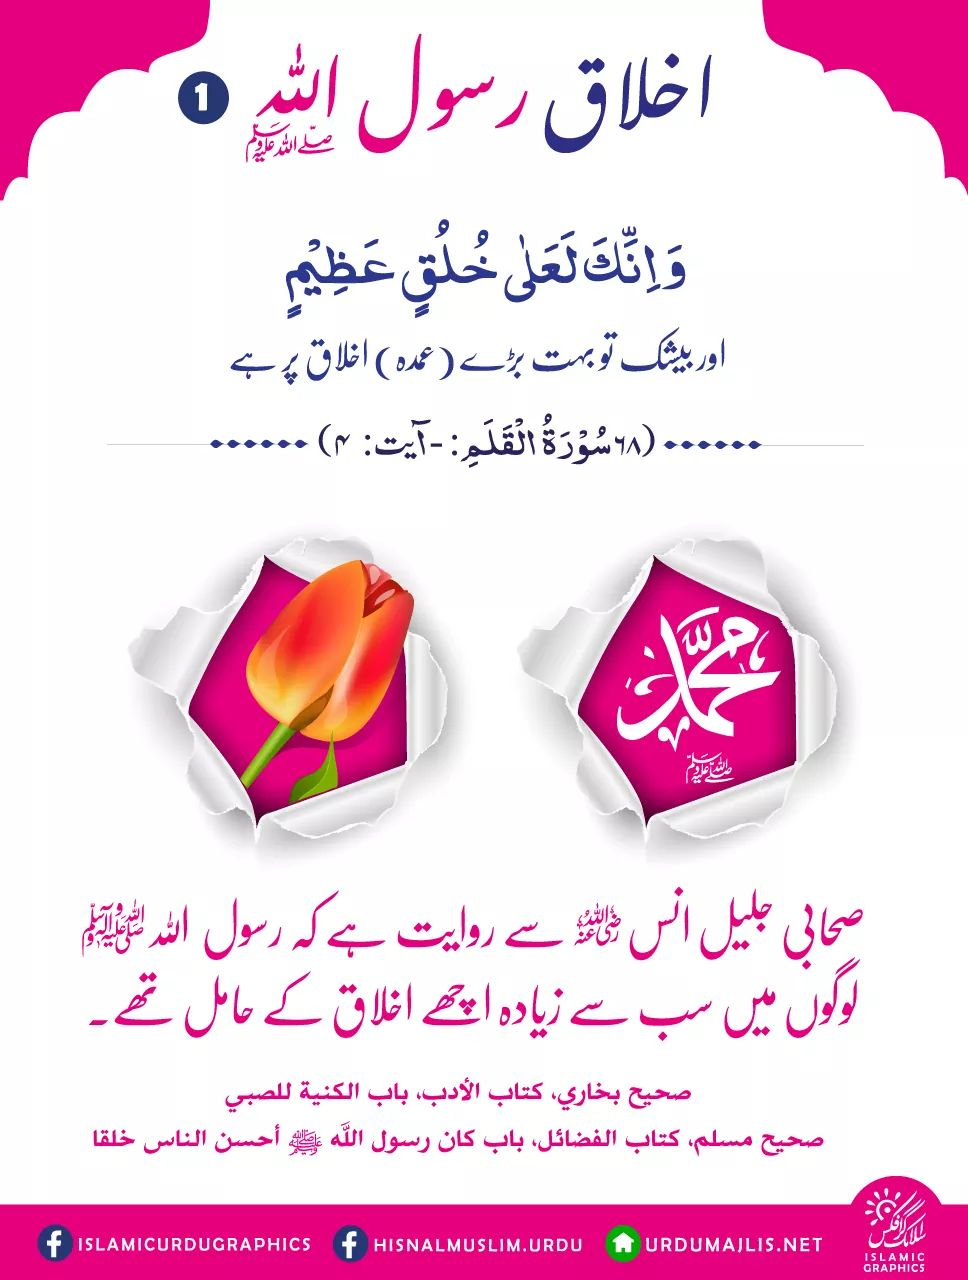 FB_IMG_1603771632863.jpg